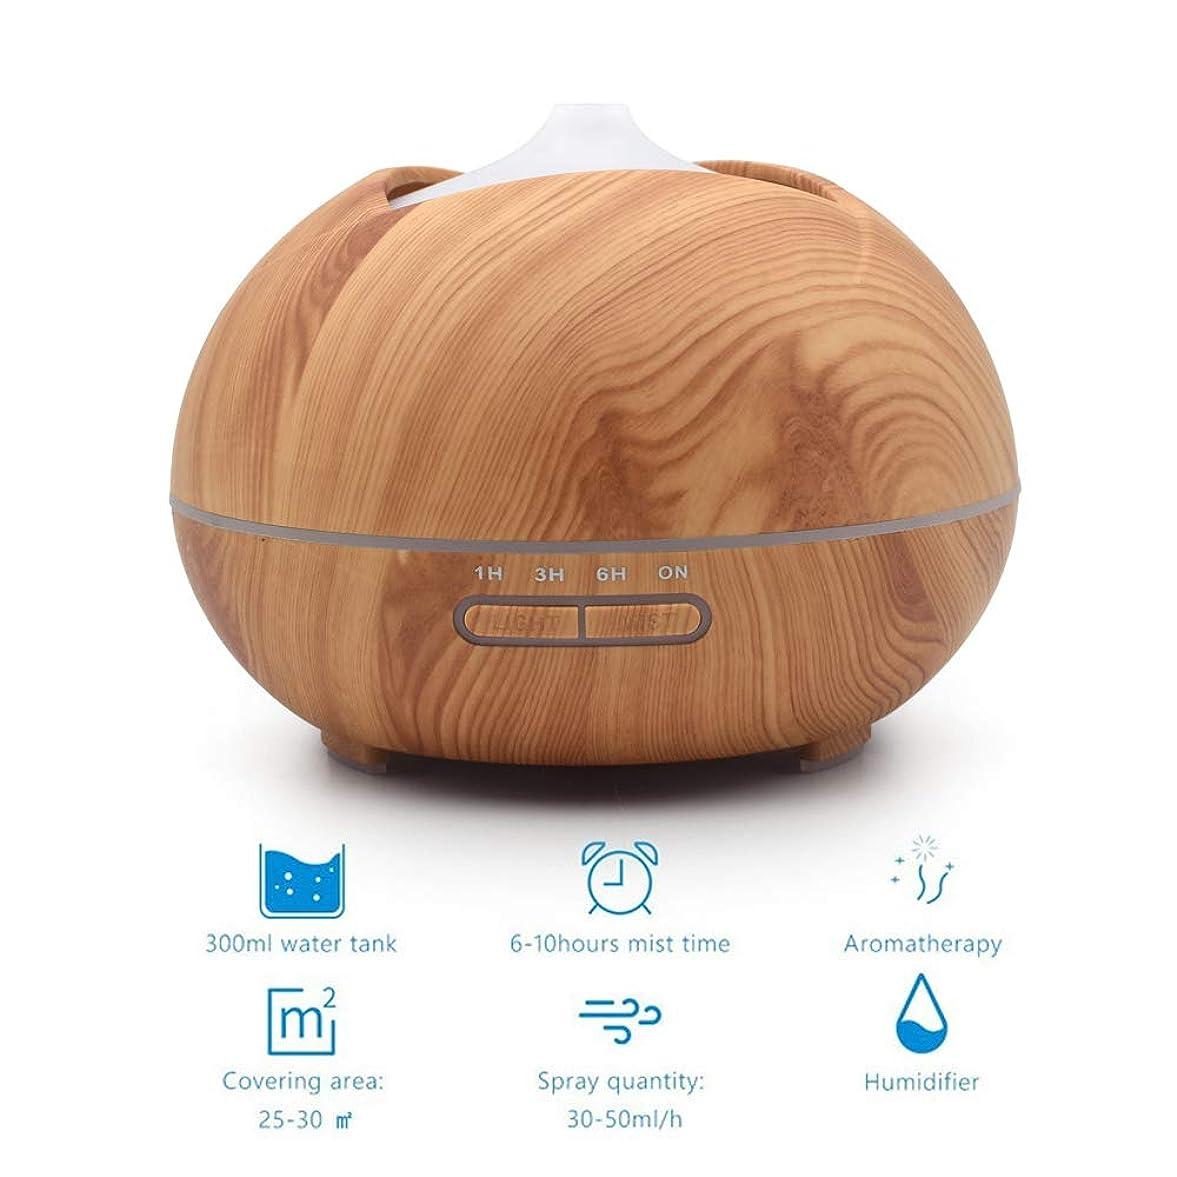 村問題更新木目クールミスト加湿器、500ミリリットルアロマセラピーディフューザー付き2ミストモードささやき静かな加湿器用寝室、ホーム、オフィス,lightwoodgrain